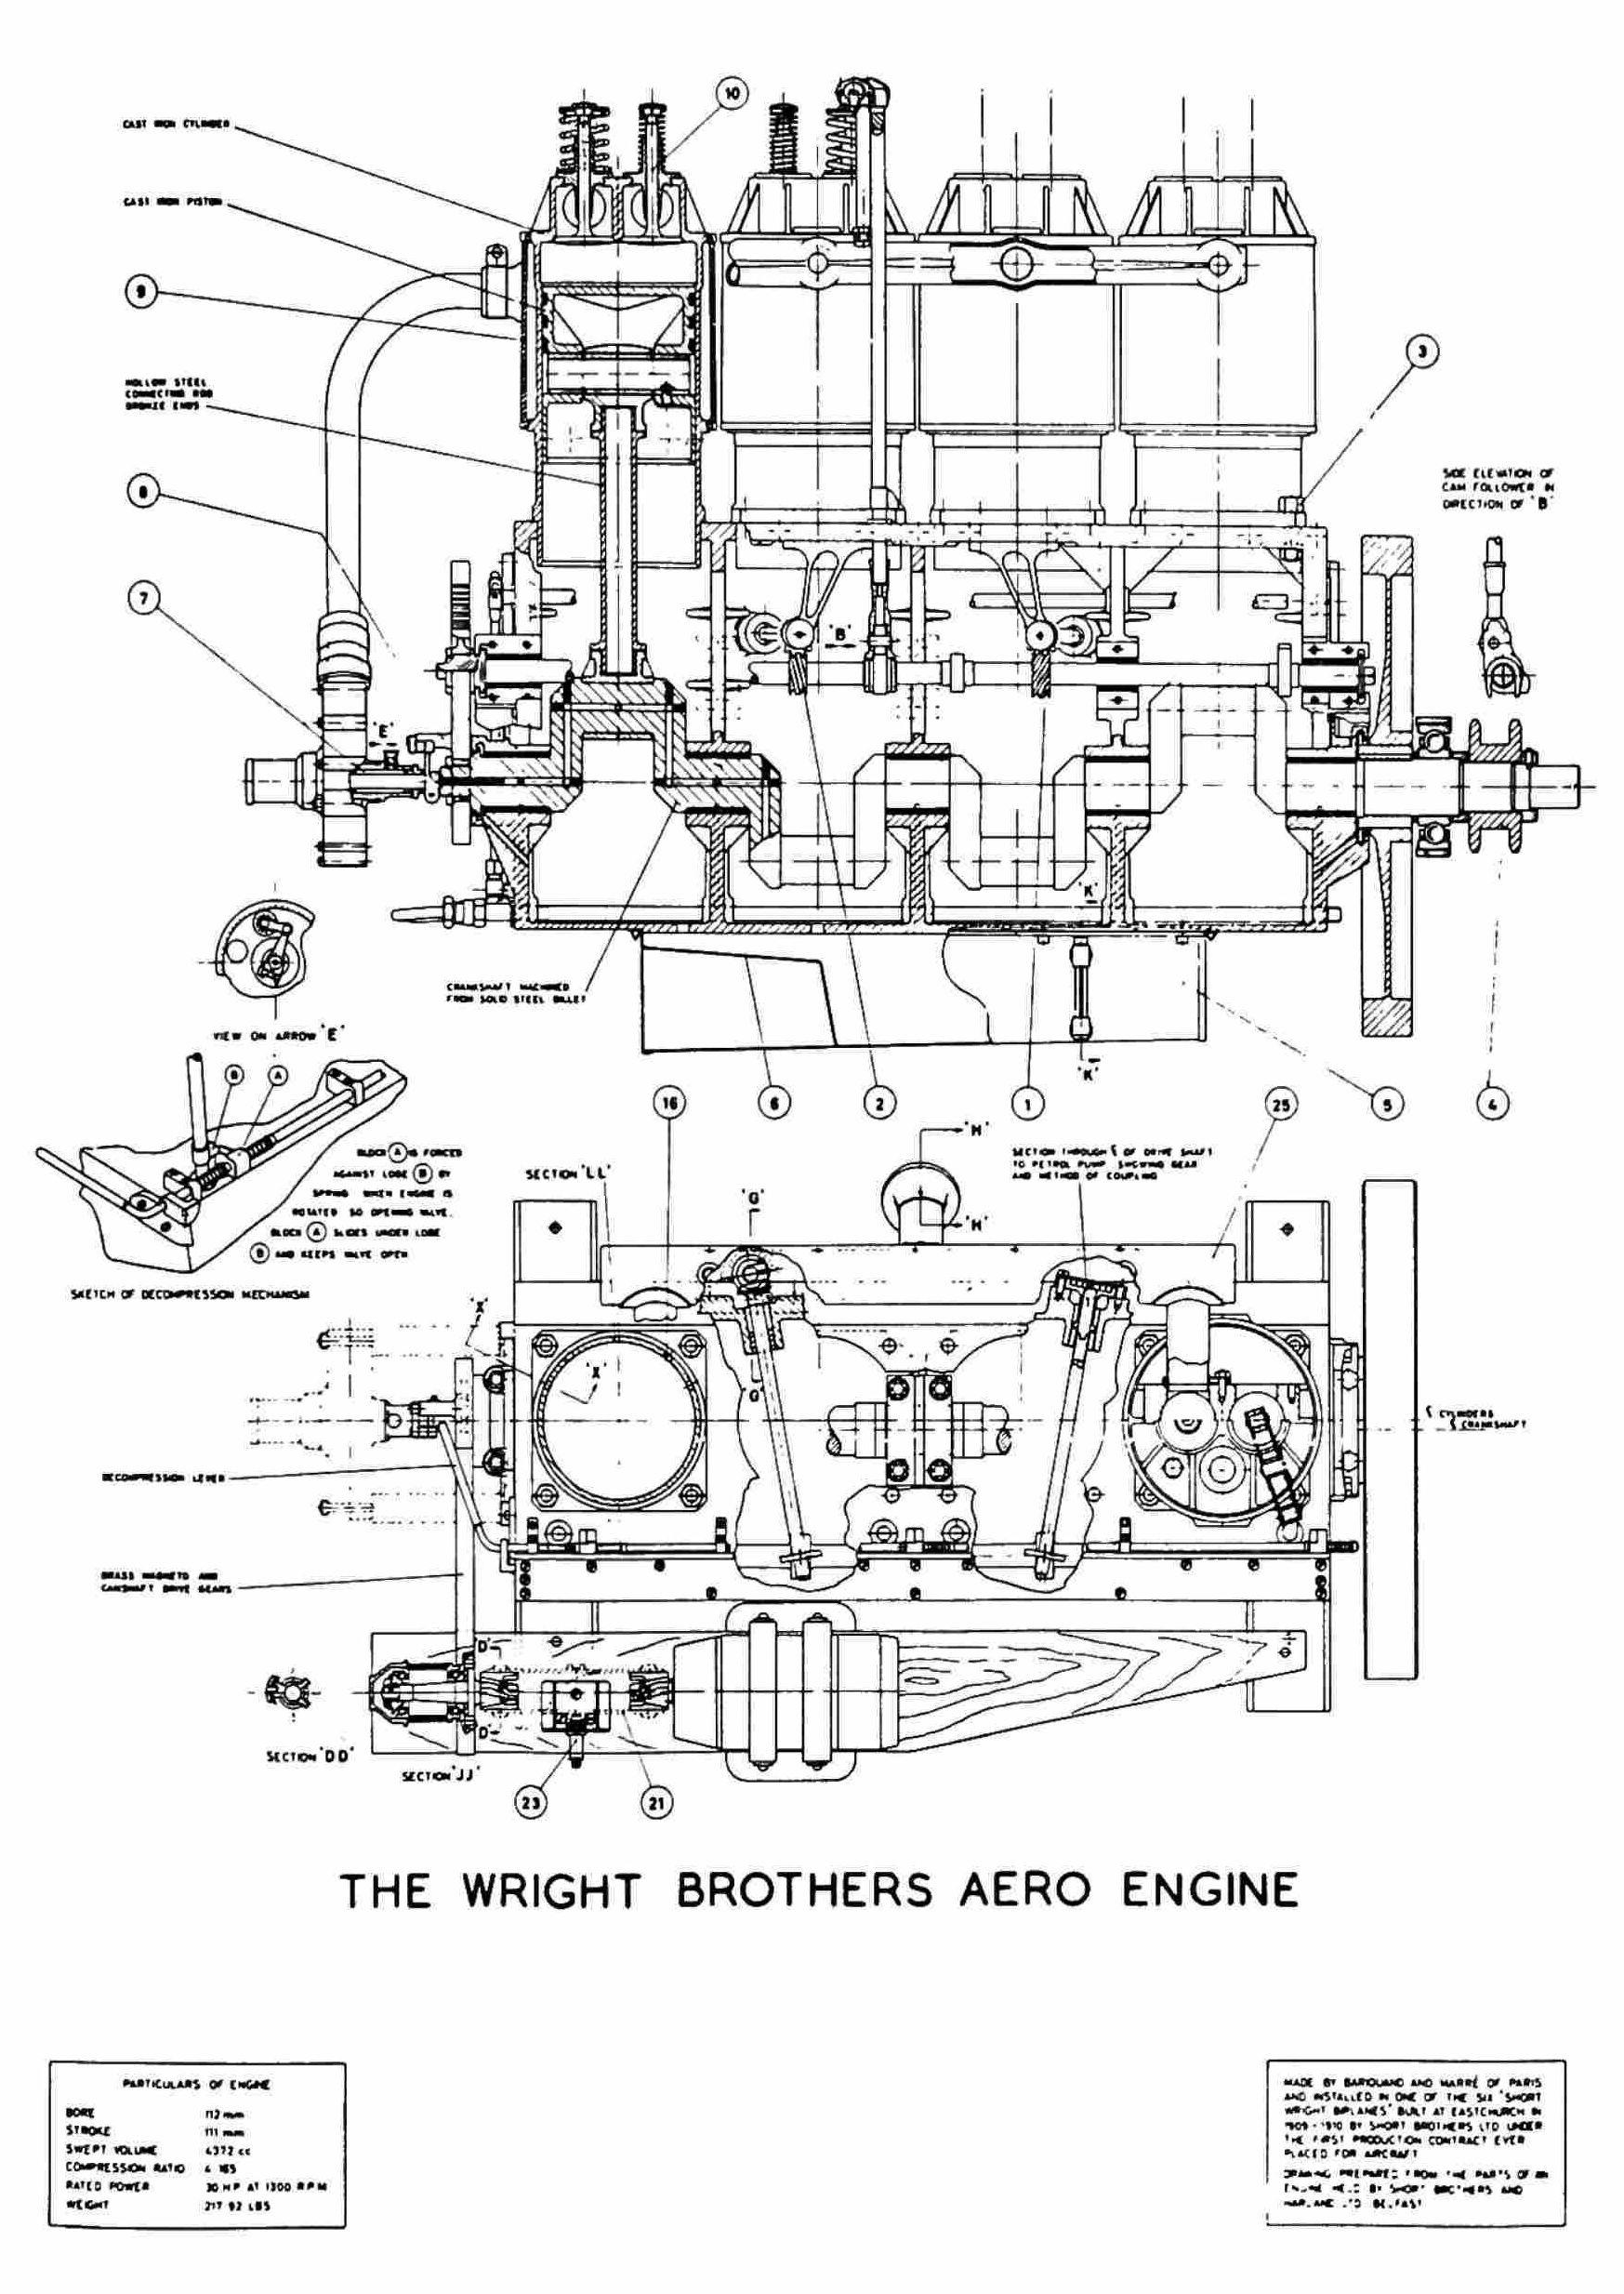 The Engine Schematics In